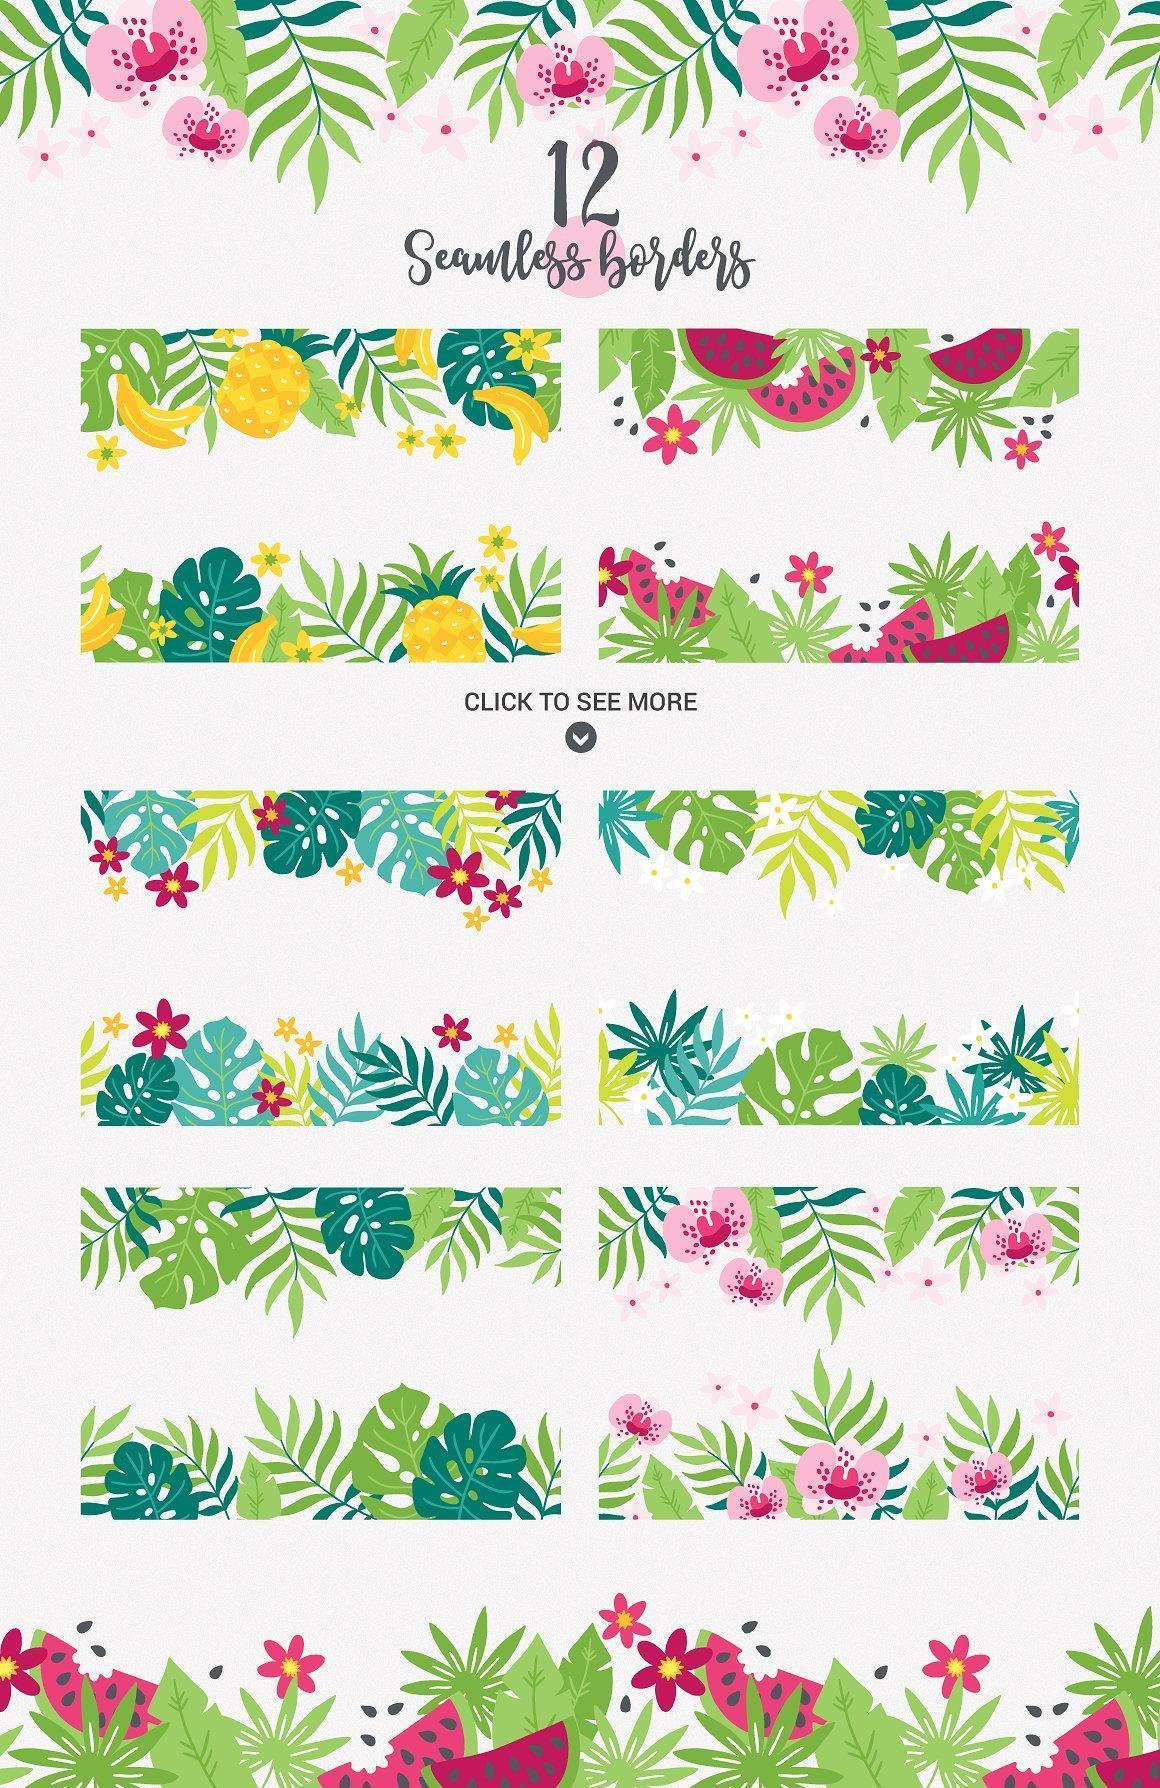 真好看!清爽彩色手绘花卉元素